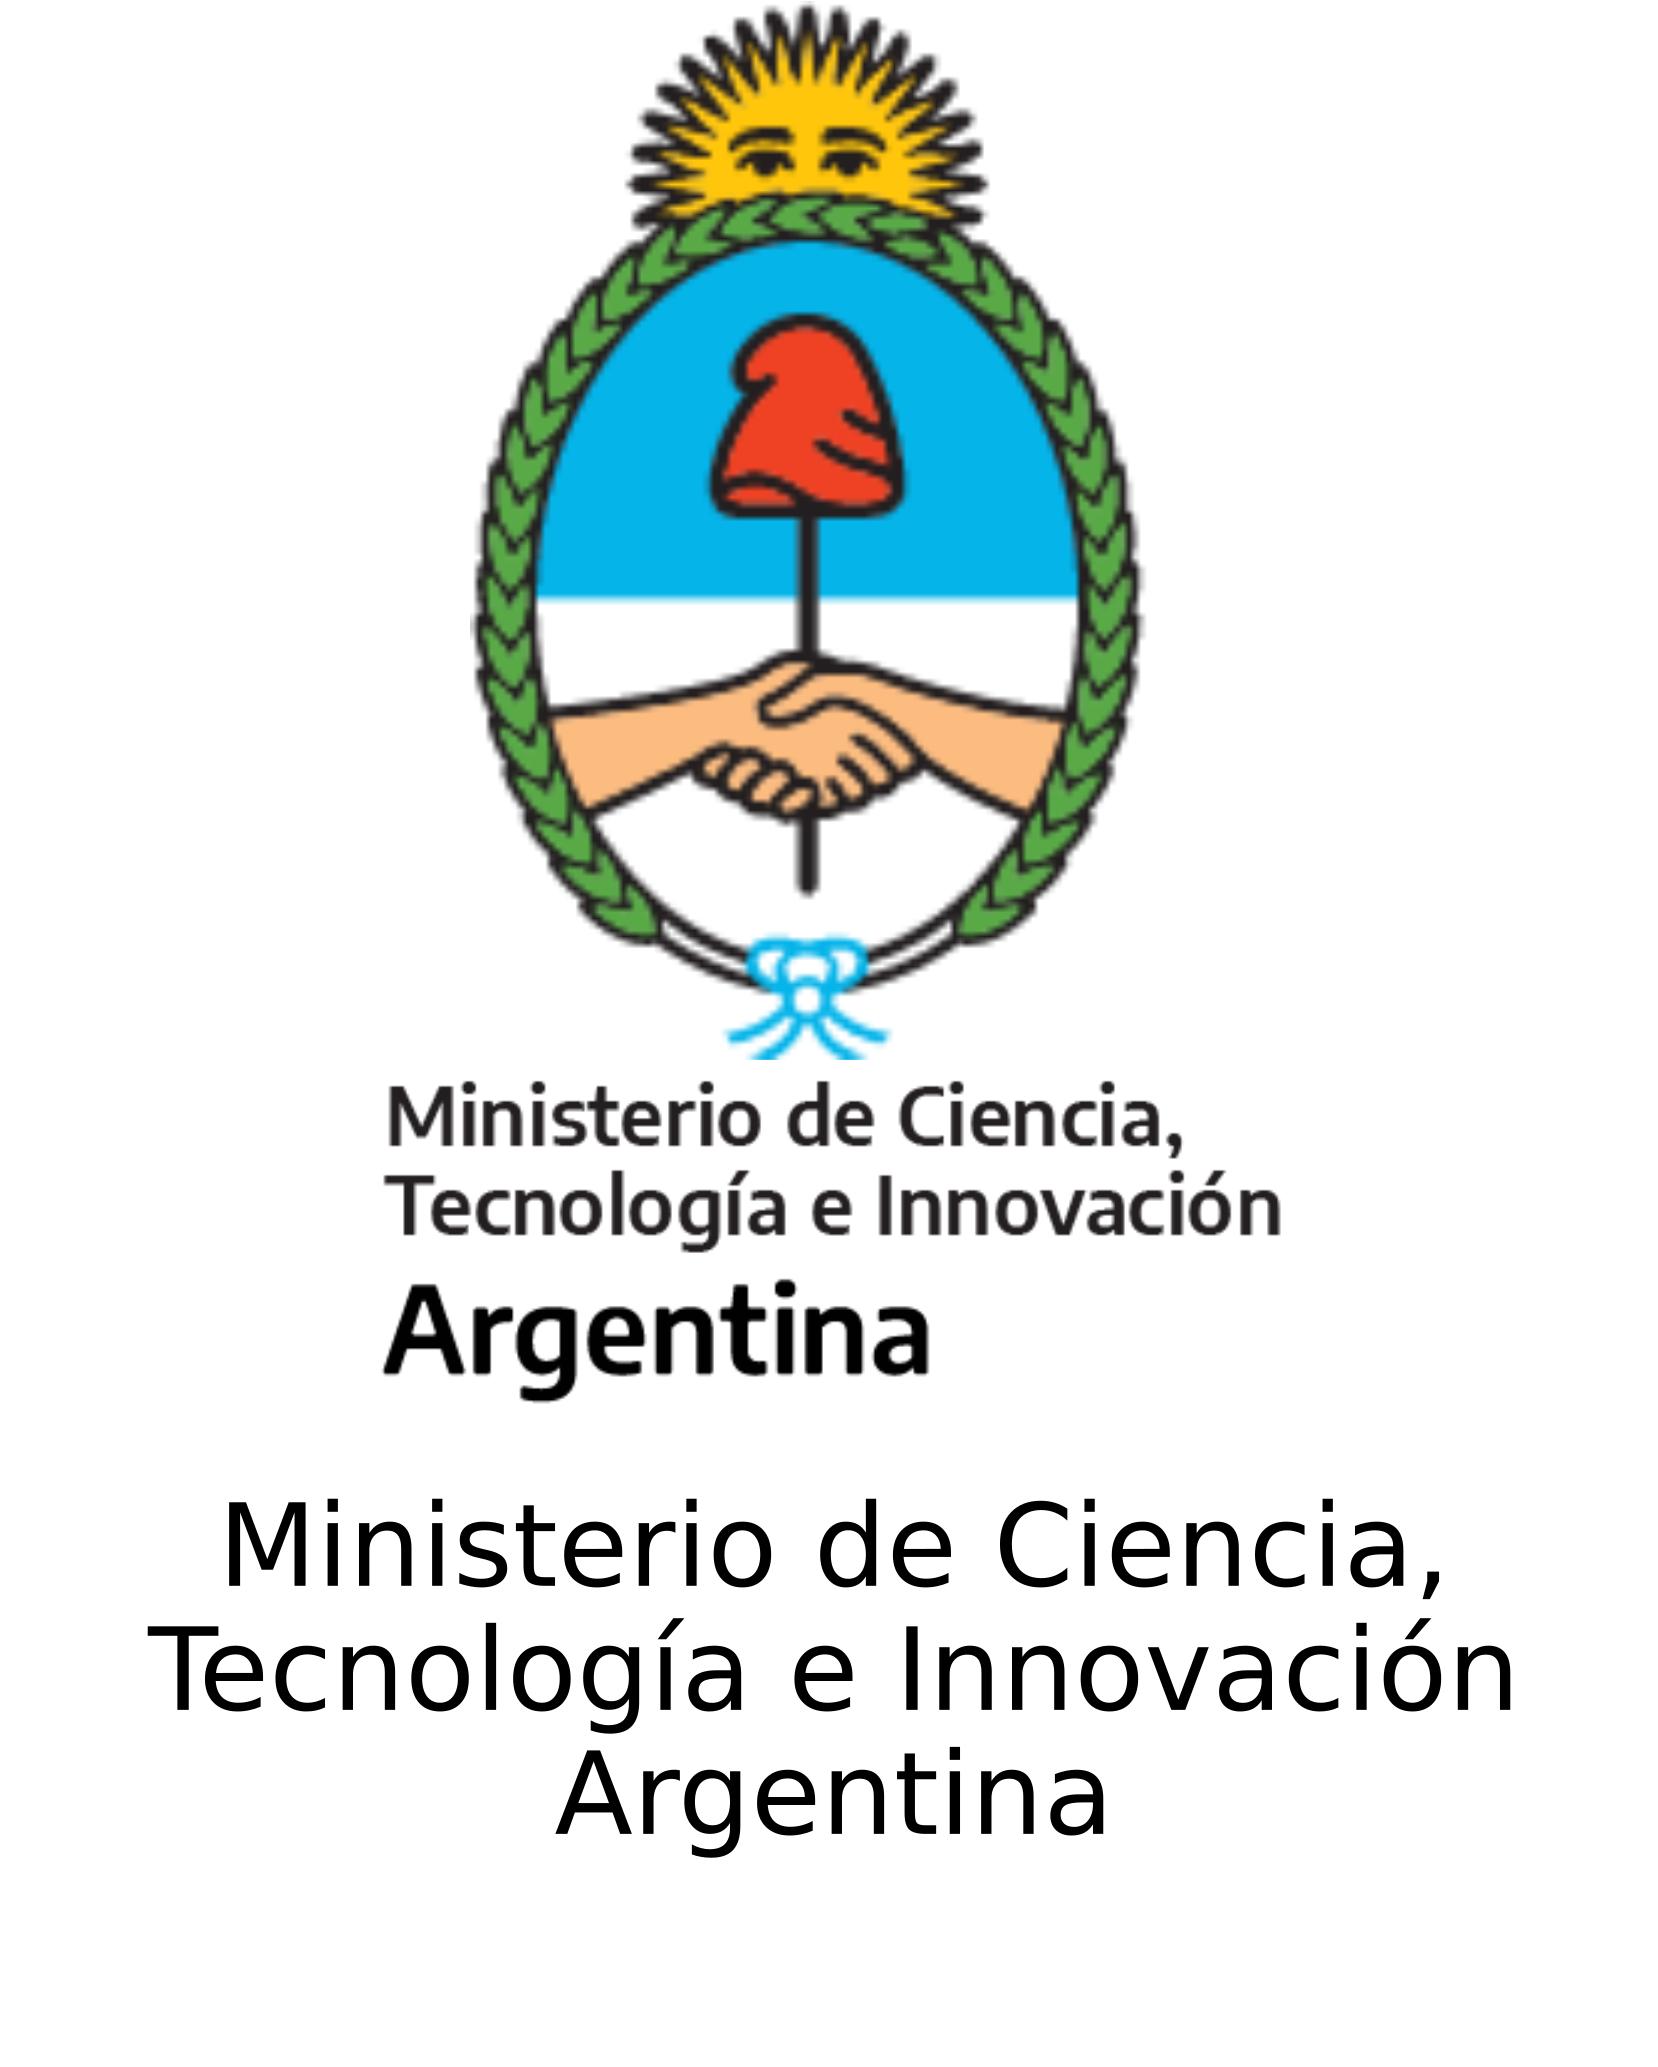 Ministerio de Ciencia, Tecnología e Innovación Argentina